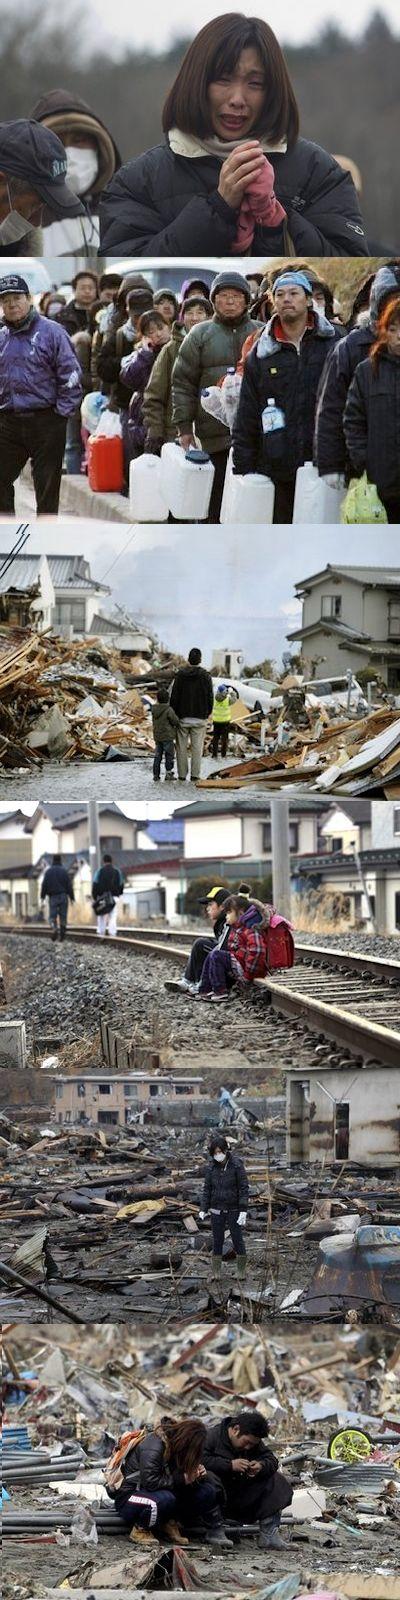 復興したのは東京だった - 被災地を置き去りにした4年間の土建バブル_c0315619_18293239.jpg